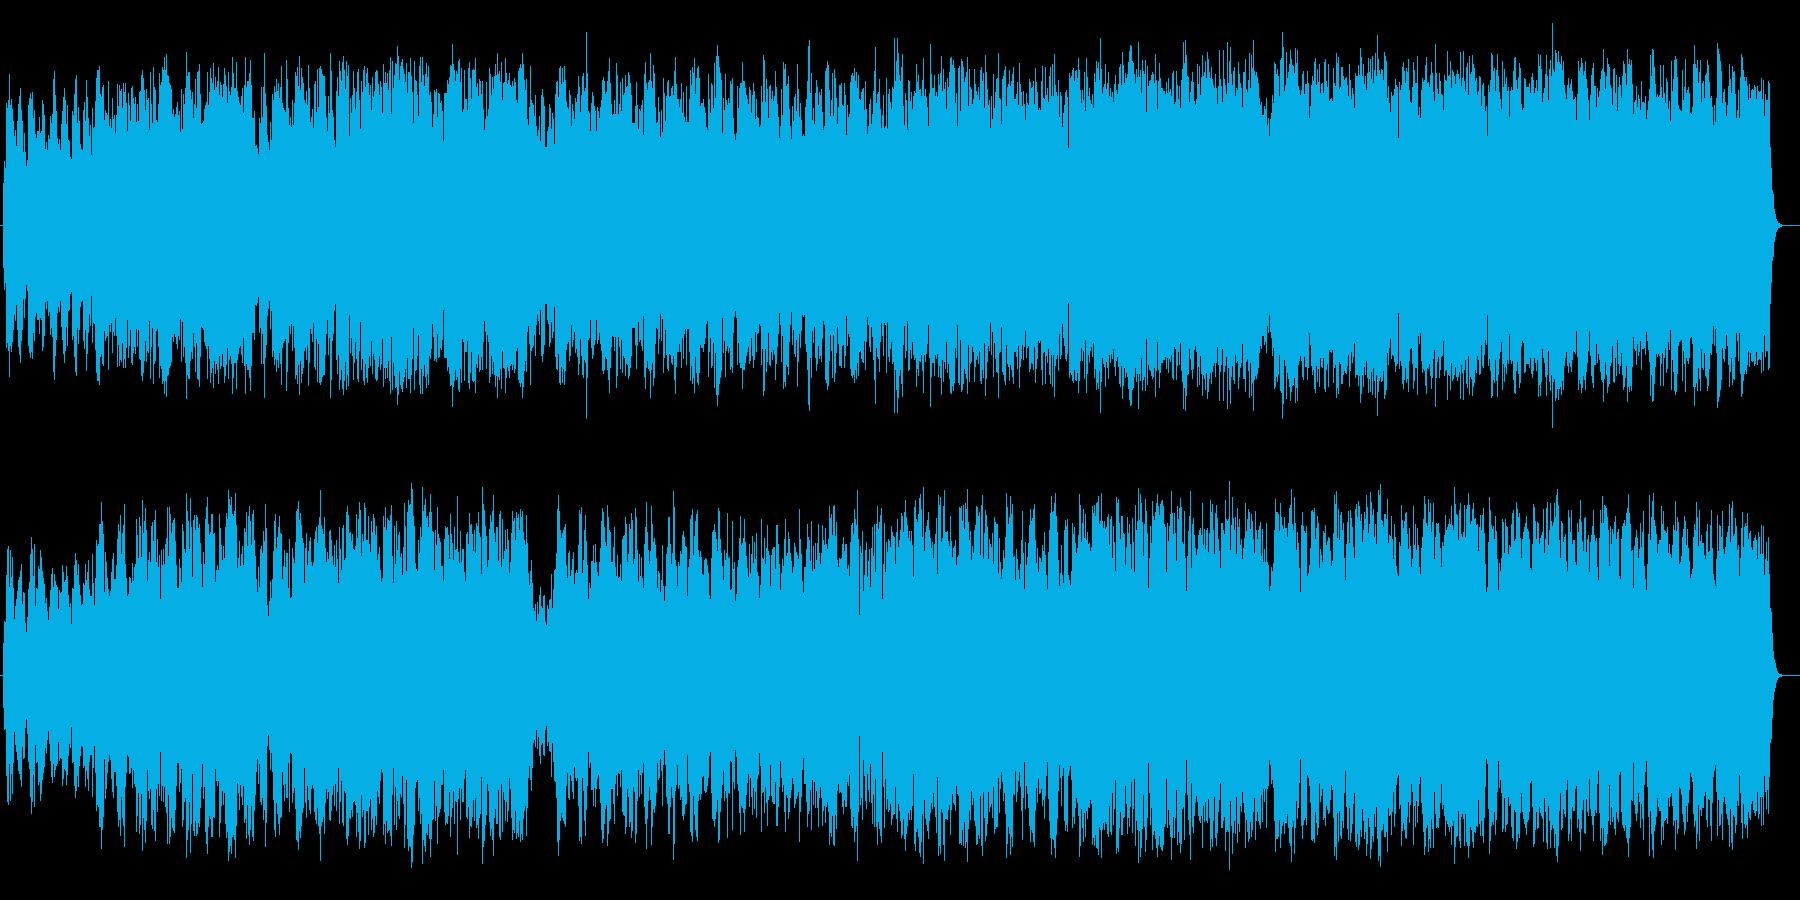 哀しげなシンセ・管楽器などのサウンドの再生済みの波形